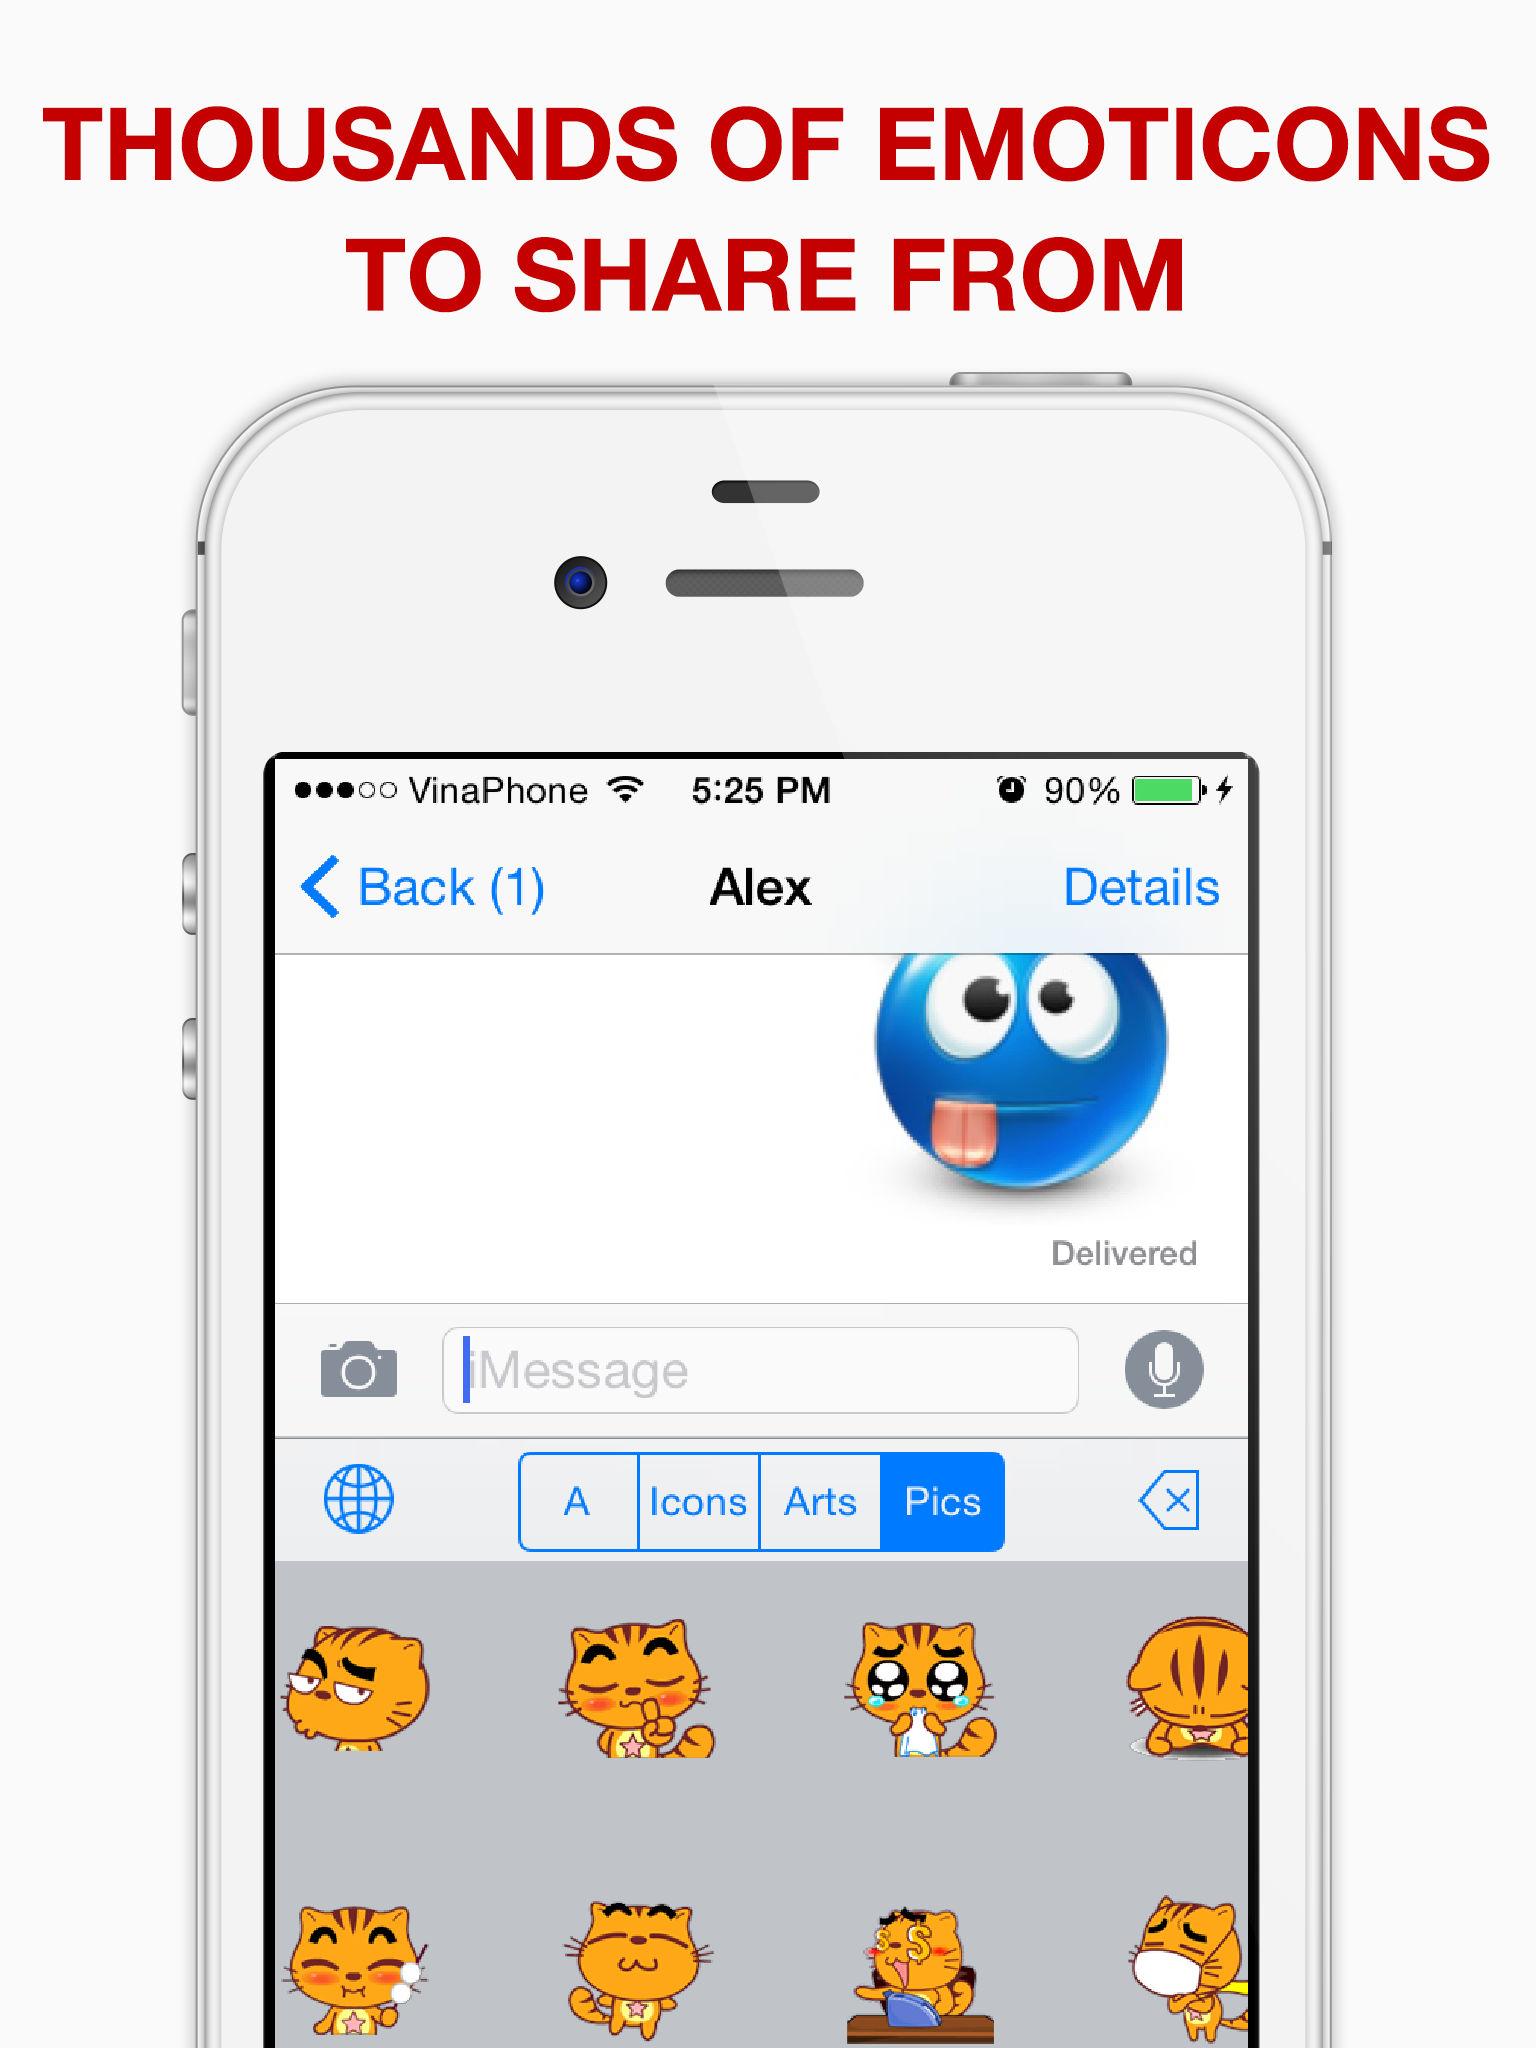 Emoji Keyboard - The Most Advanced Emoji & Emoticon Keyboard